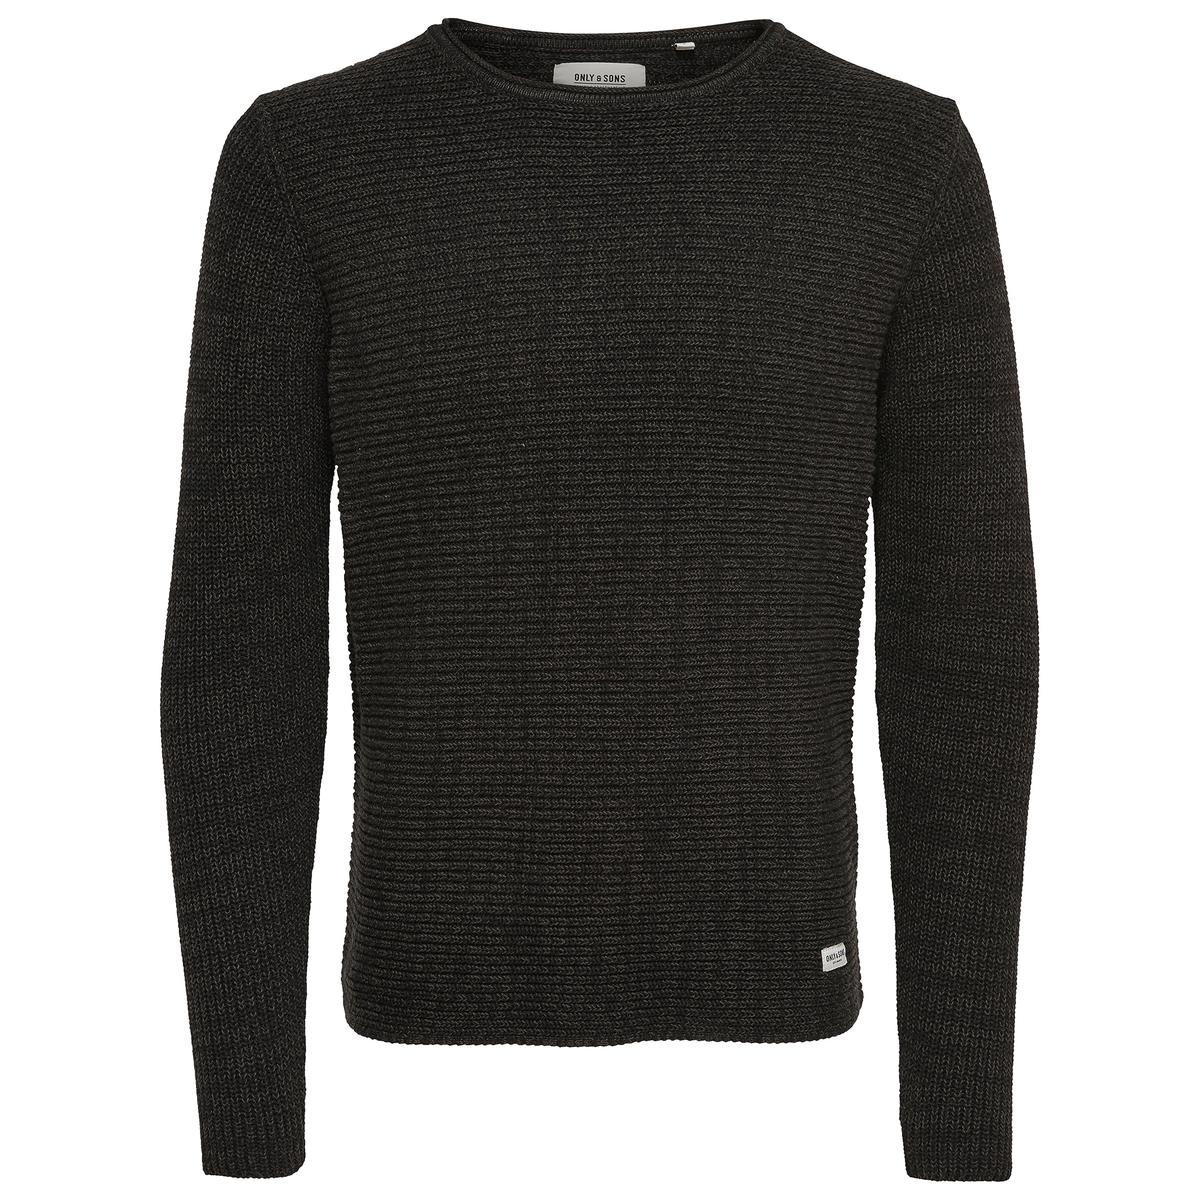 Пуловер однотонный SatoСостав и описание:Материал: 100% хлопка.Марка: ONLY &amp; SONS.<br><br>Цвет: черный